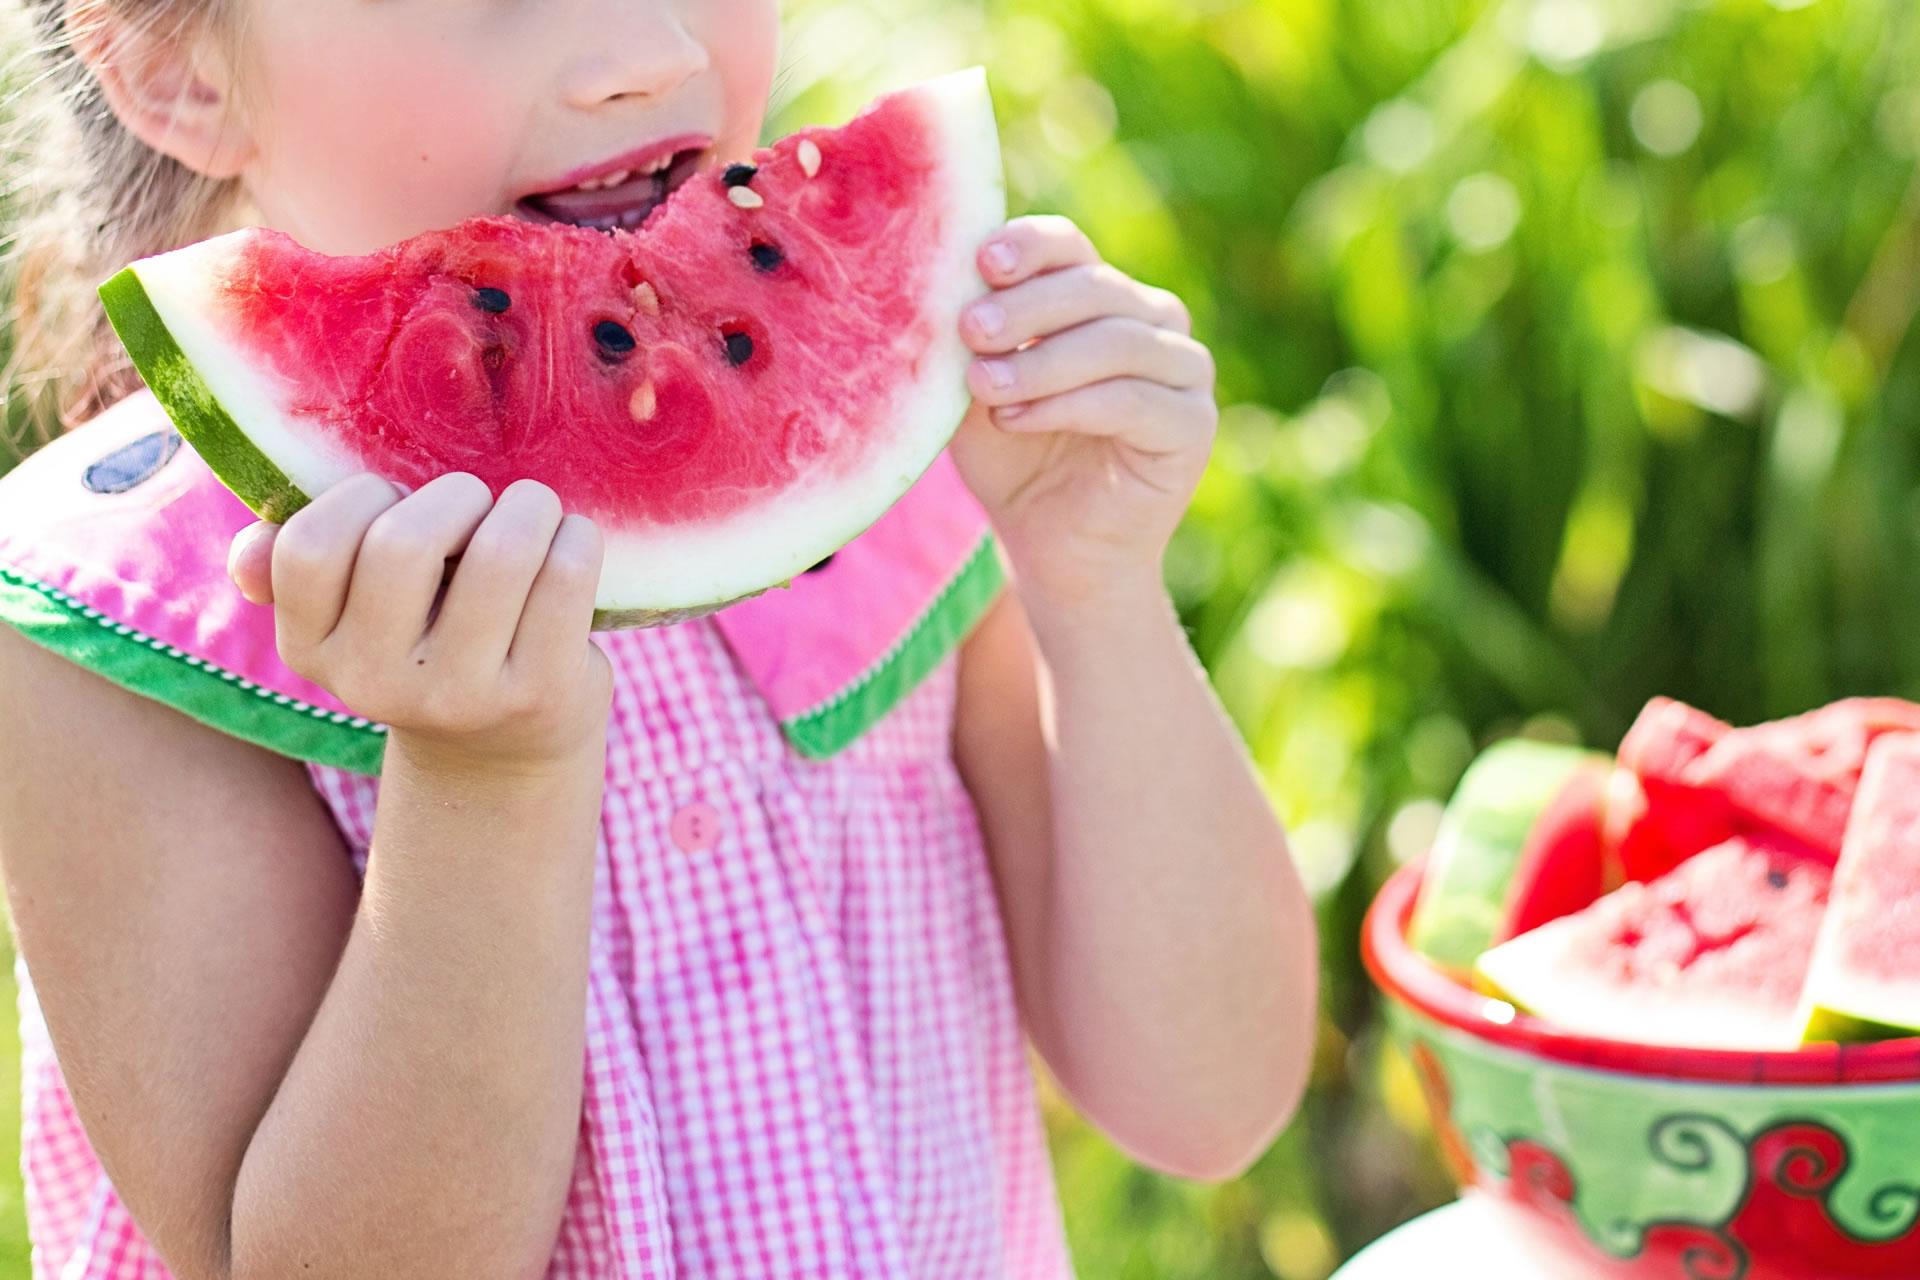 download wallpaper: smikkelen aan een stuk watermeloen wallpaper